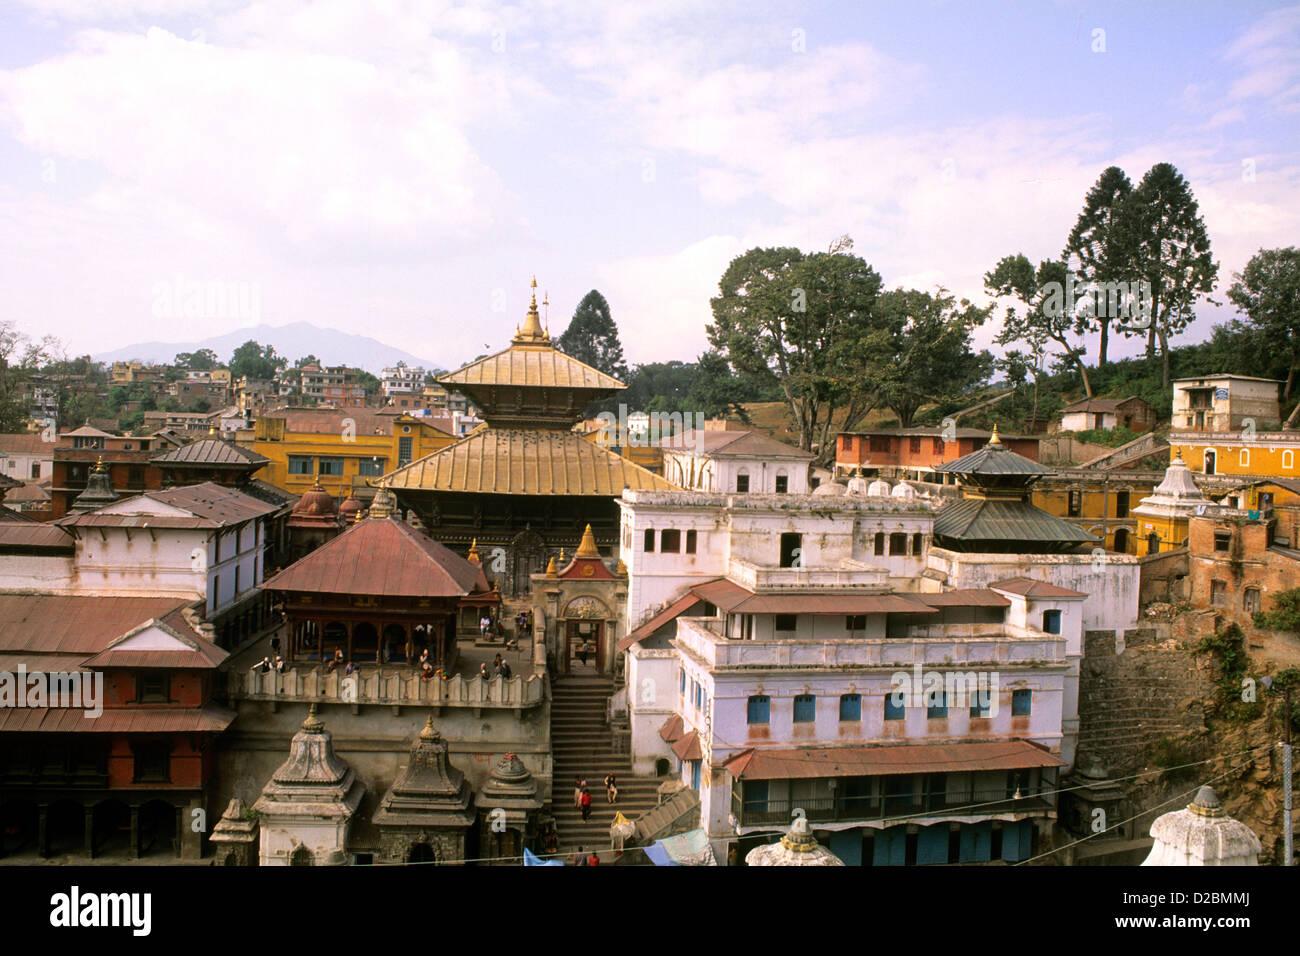 Nepal, Katmandu. Pashupatinath Temple. - Stock Image